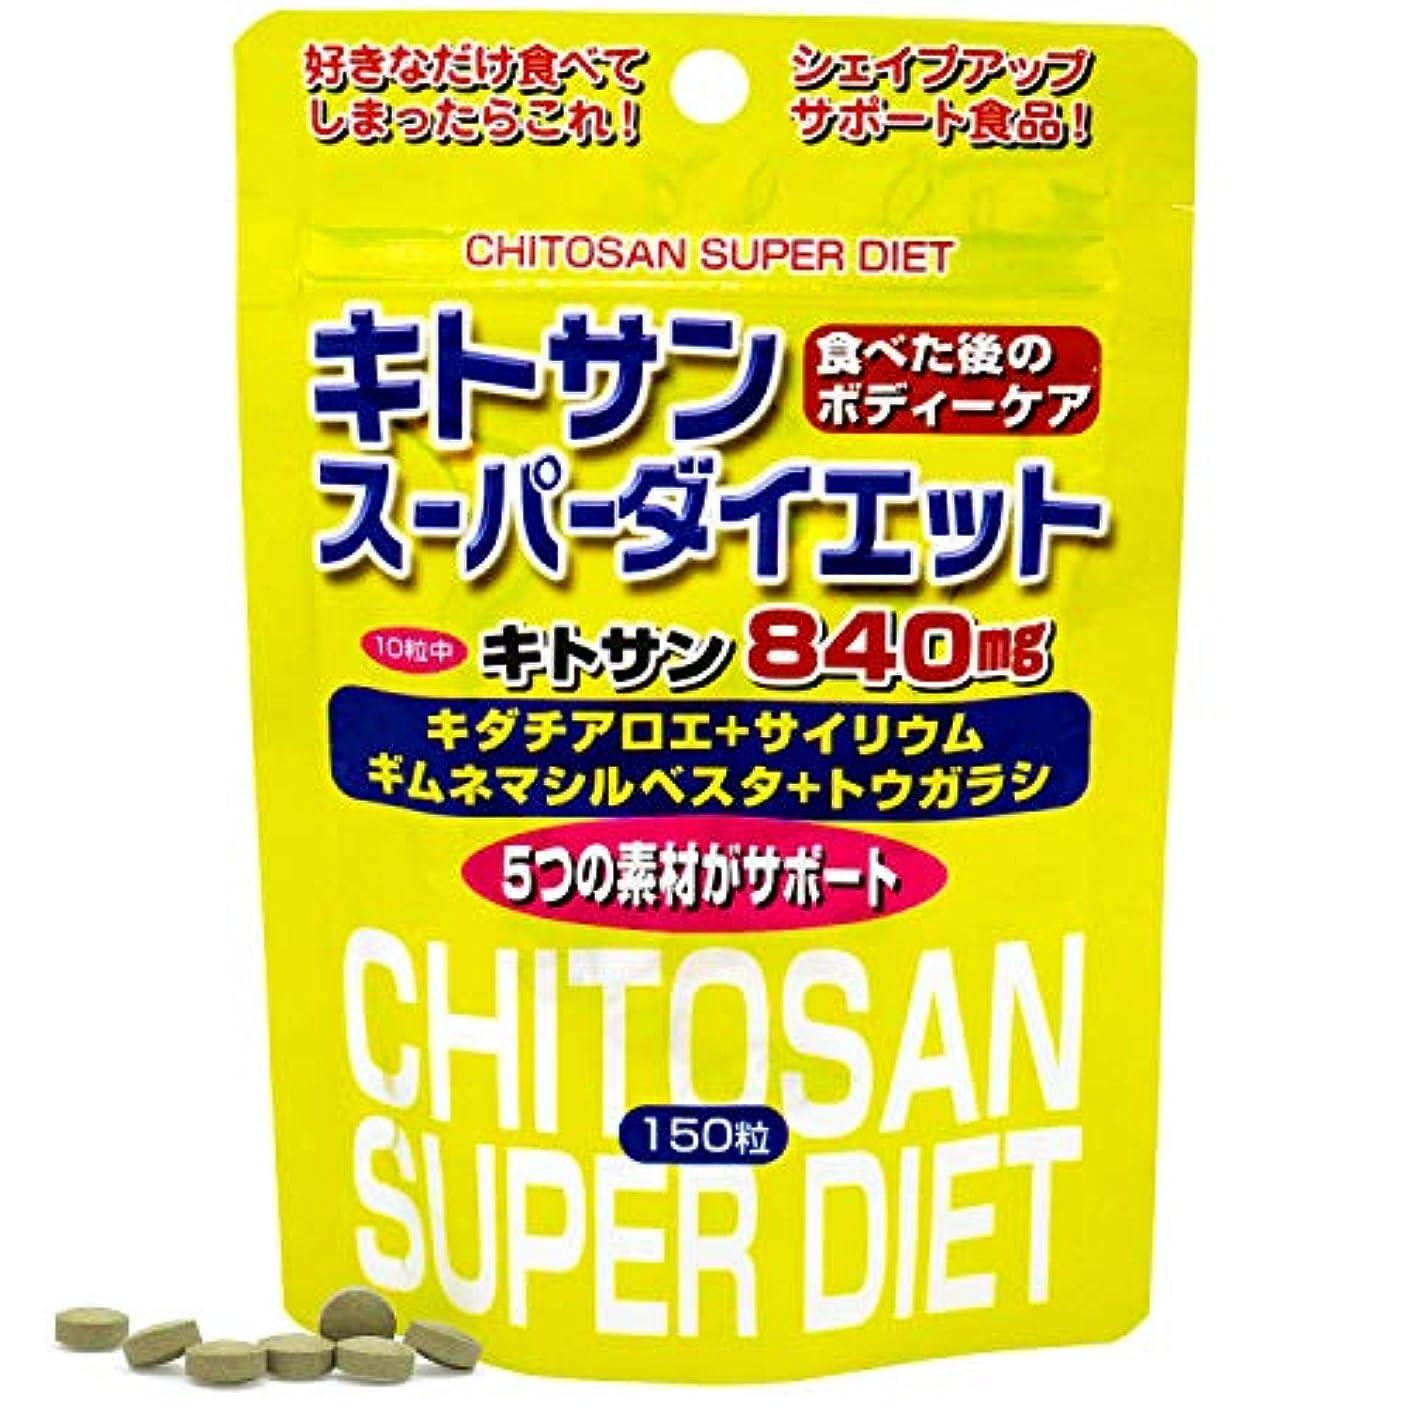 バレーボール荒廃する面白いユウキ製薬 スタンドパック キトサンスーパーダイエット 15-21日分 150粒